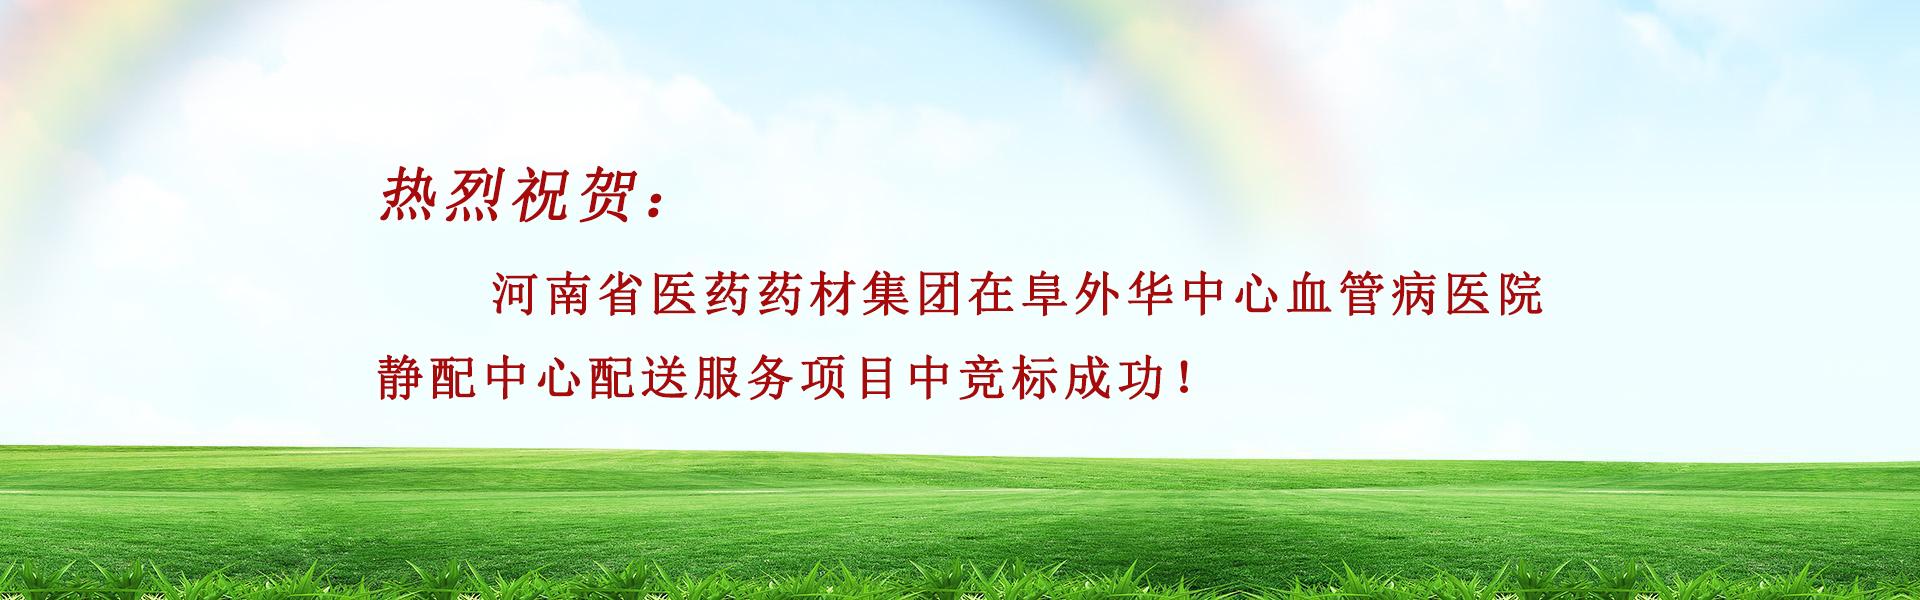 河南省医药药材集团有限公司竞标成功!